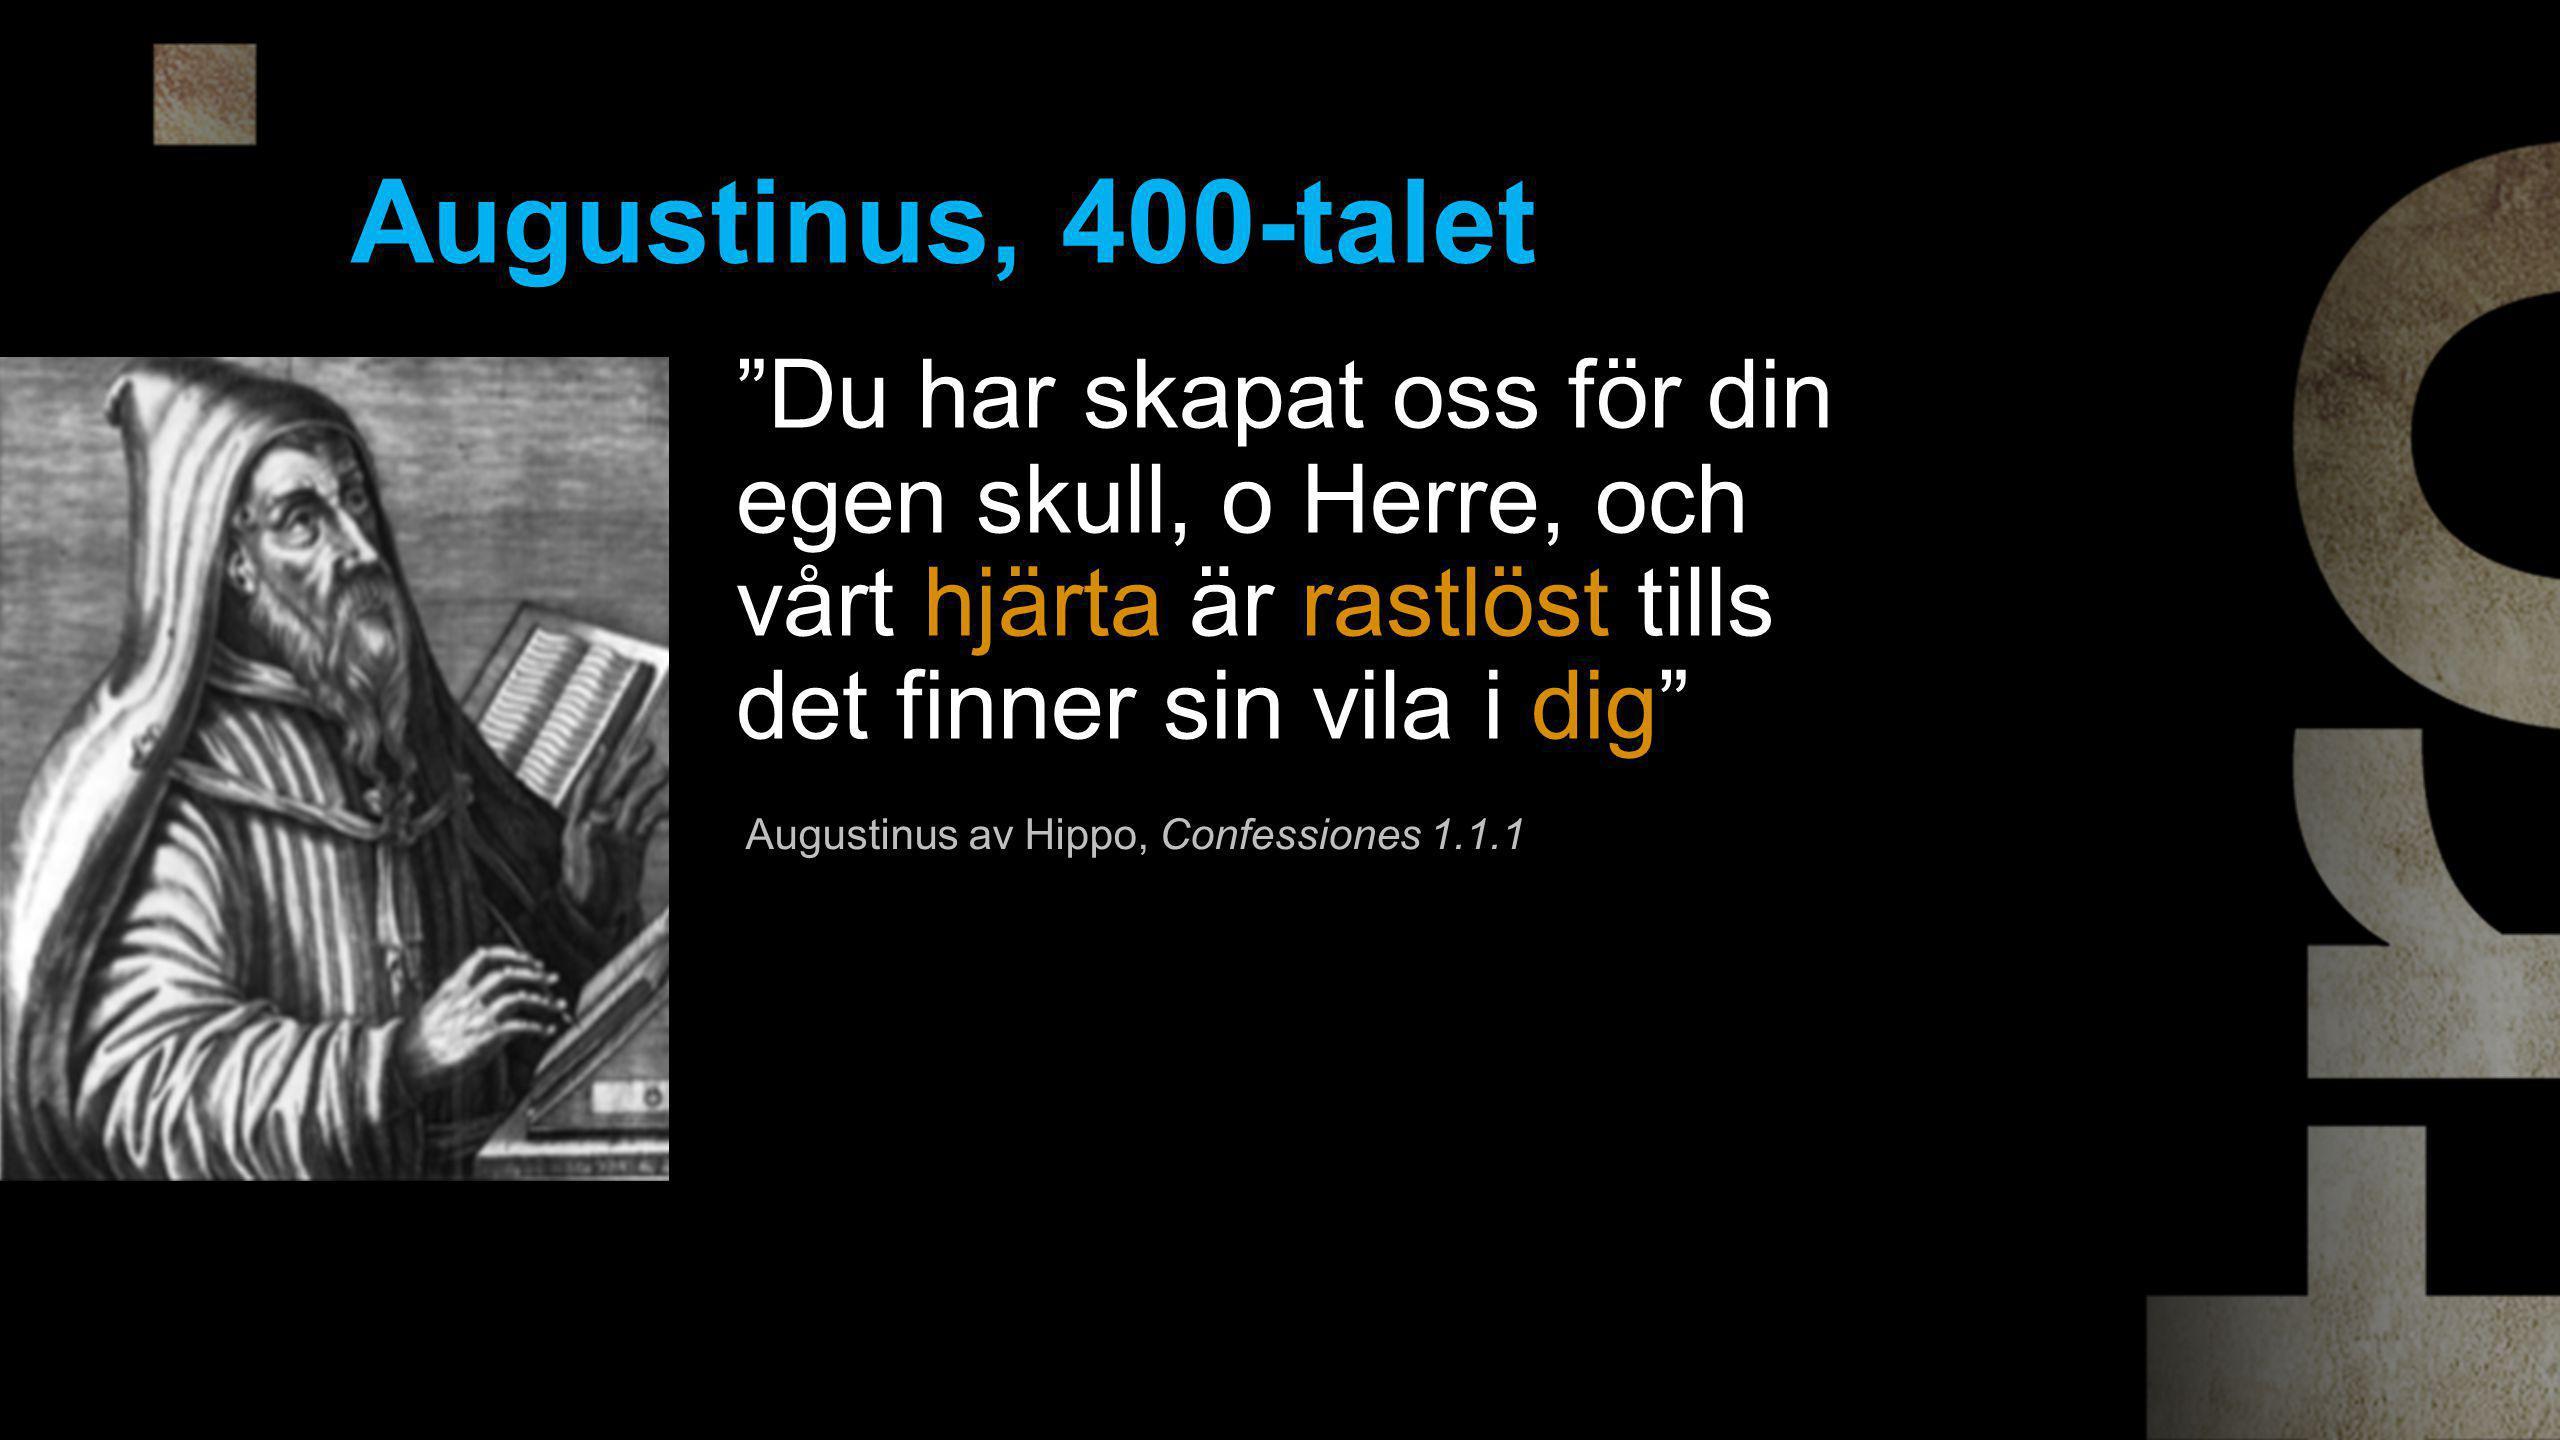 Du har skapat oss för din egen skull, o Herre, och vårt hjärta är rastlöst tills det finner sin vila i dig Augustinus, 400-talet Augustinus av Hippo, Confessiones 1.1.1